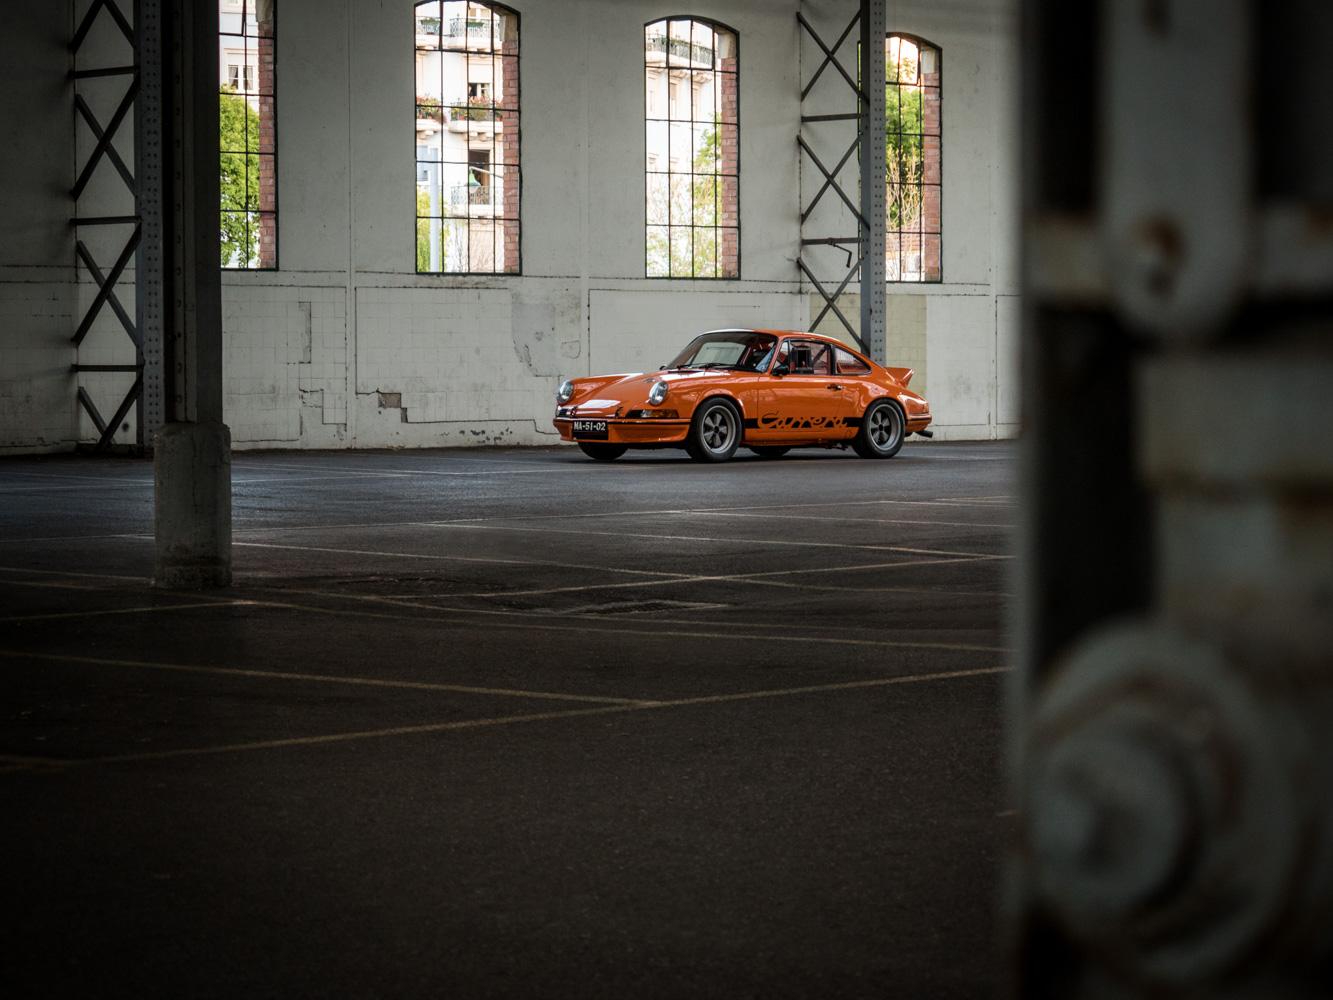 1969 Porsche 911 Carrera - 62.jpg.jpg